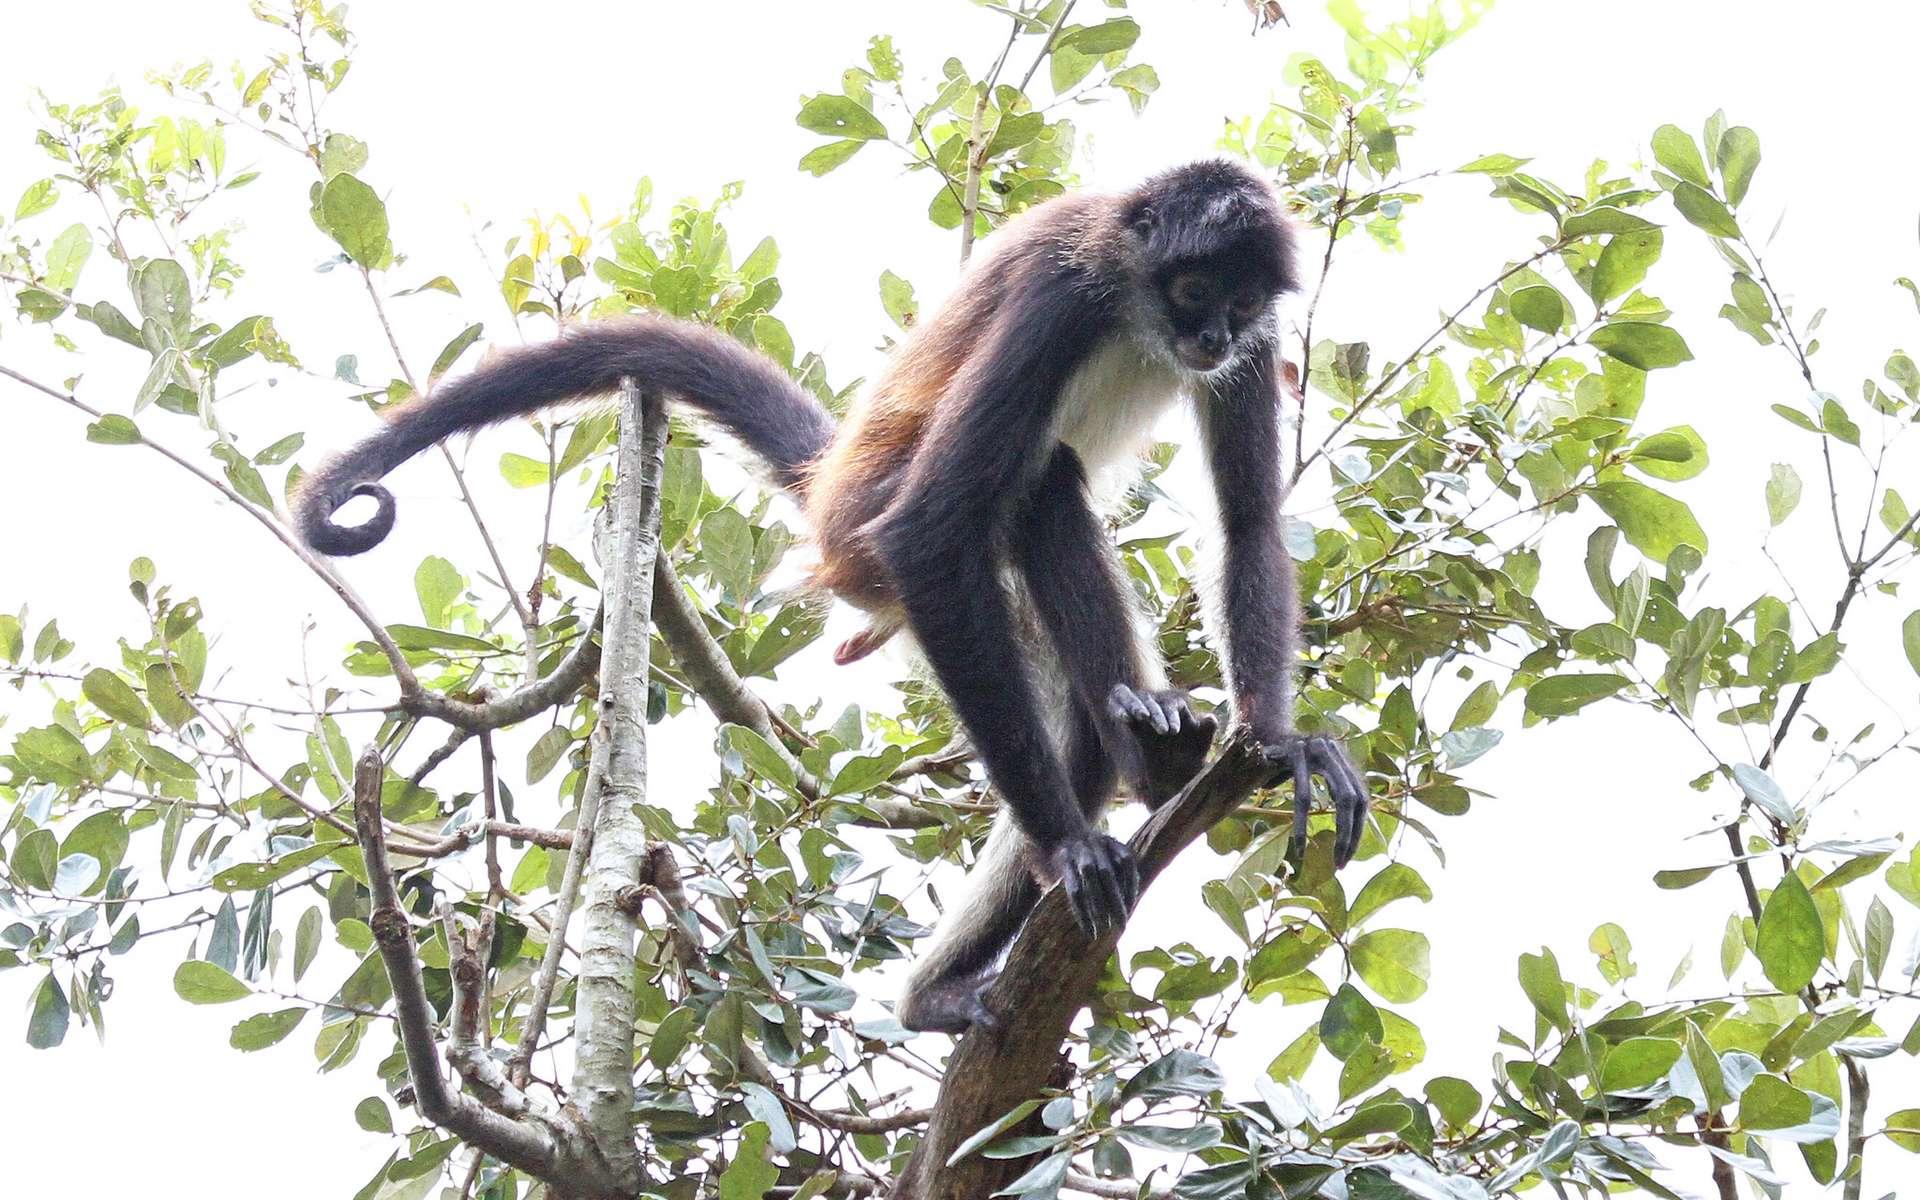 La plupart des singes, comme l'atèle de Geoffroy, ont conservé une queue. © Judy Gallagher, Flickr